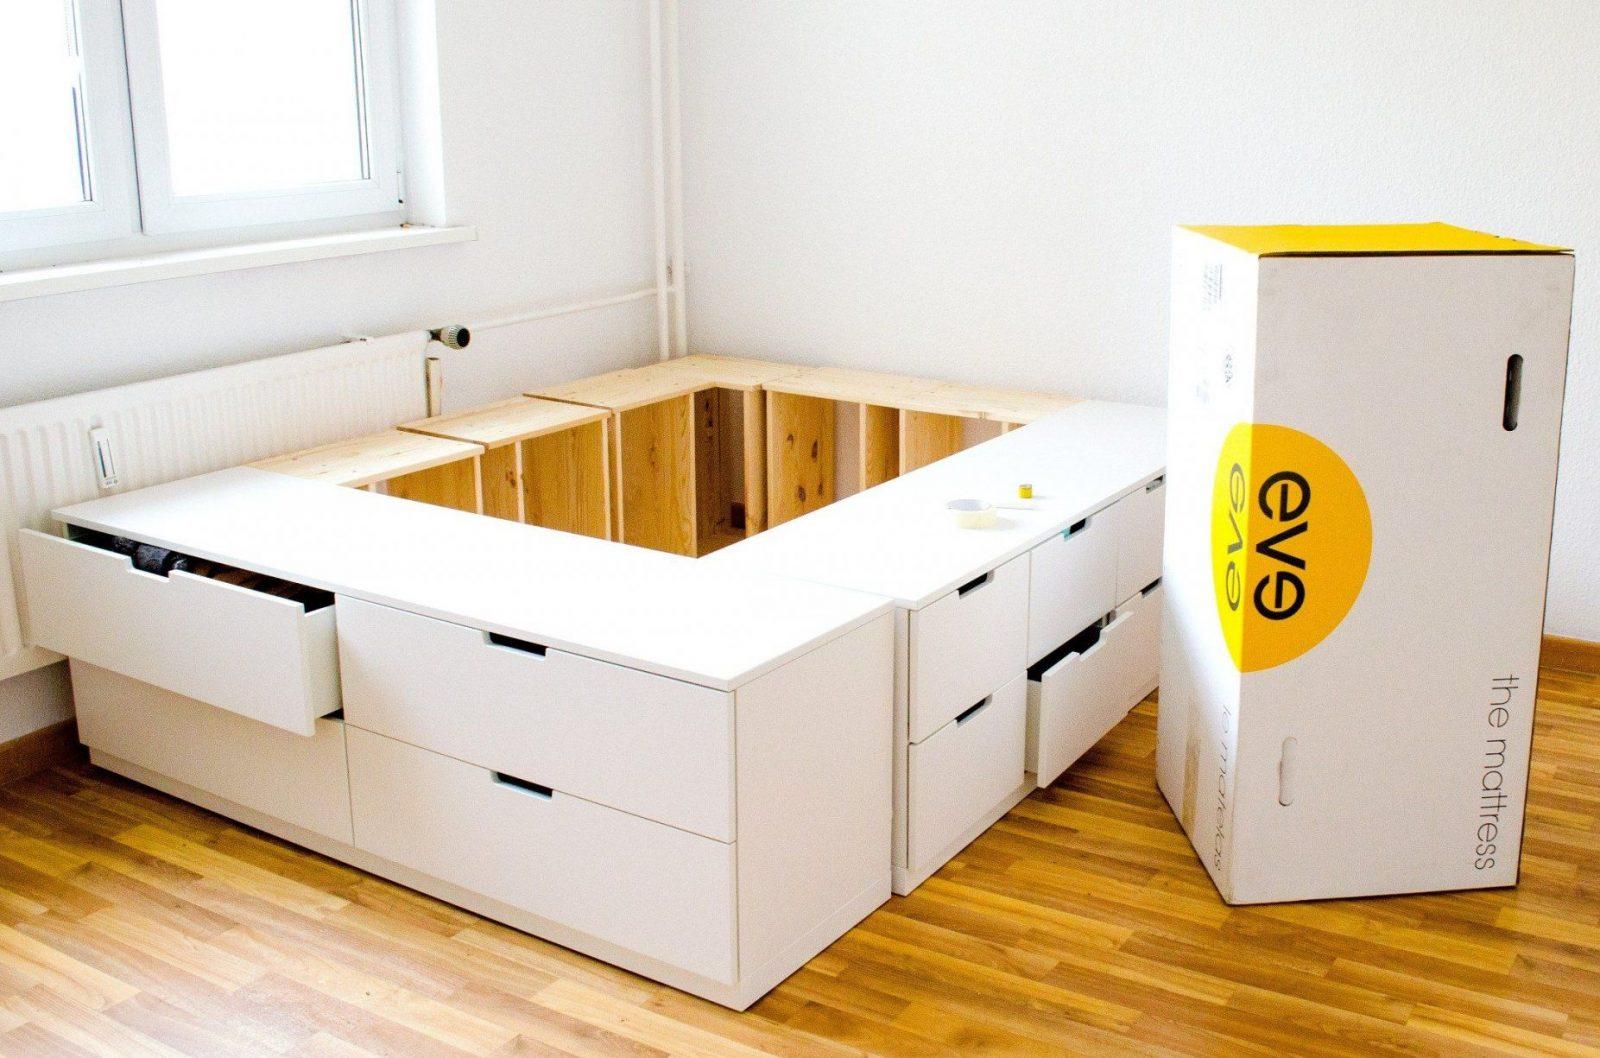 Diy Ikea Hack  Plattformbett Selber Bauen Aus Ikea Kommoden von Bett Selber Bauen Ikea Photo